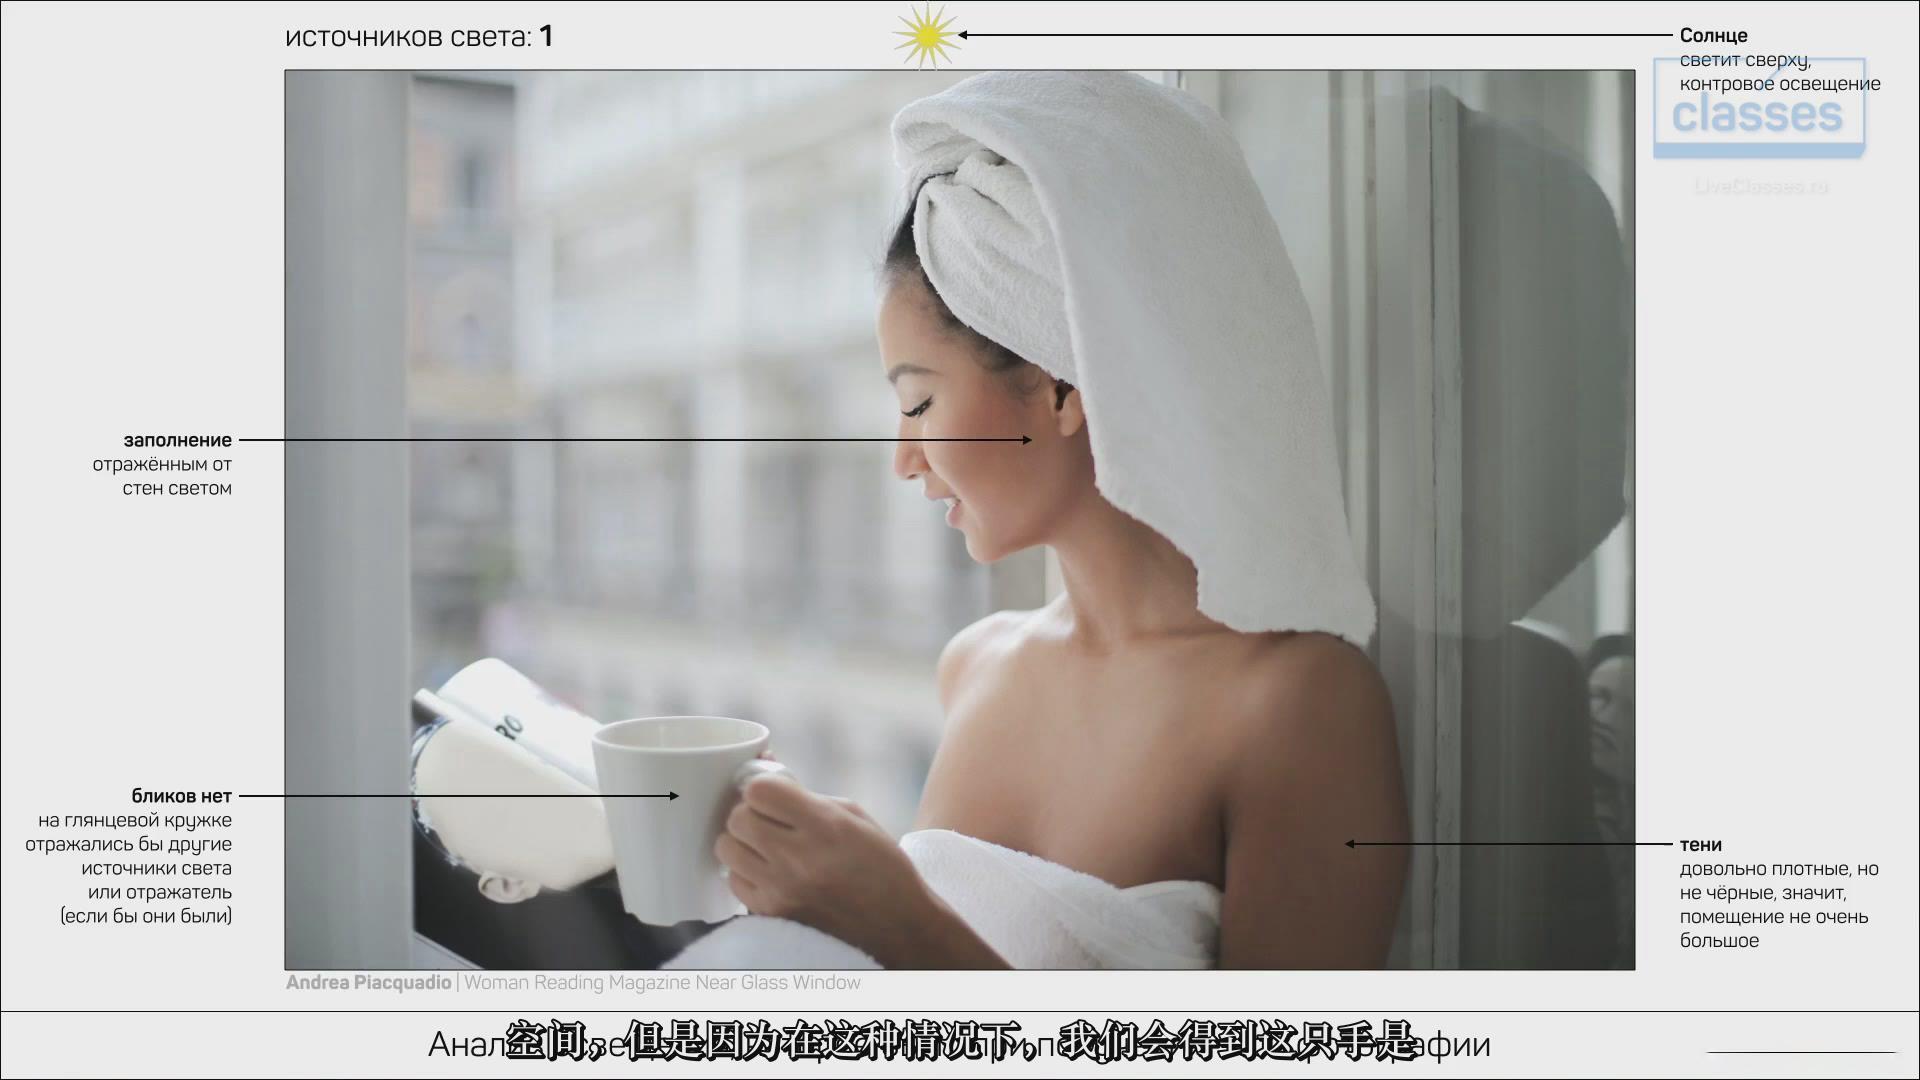 摄影教程_Anton Martynov-学习分析别人照片从而了解学习别人的摄影技术-中文字幕 摄影教程 _预览图10